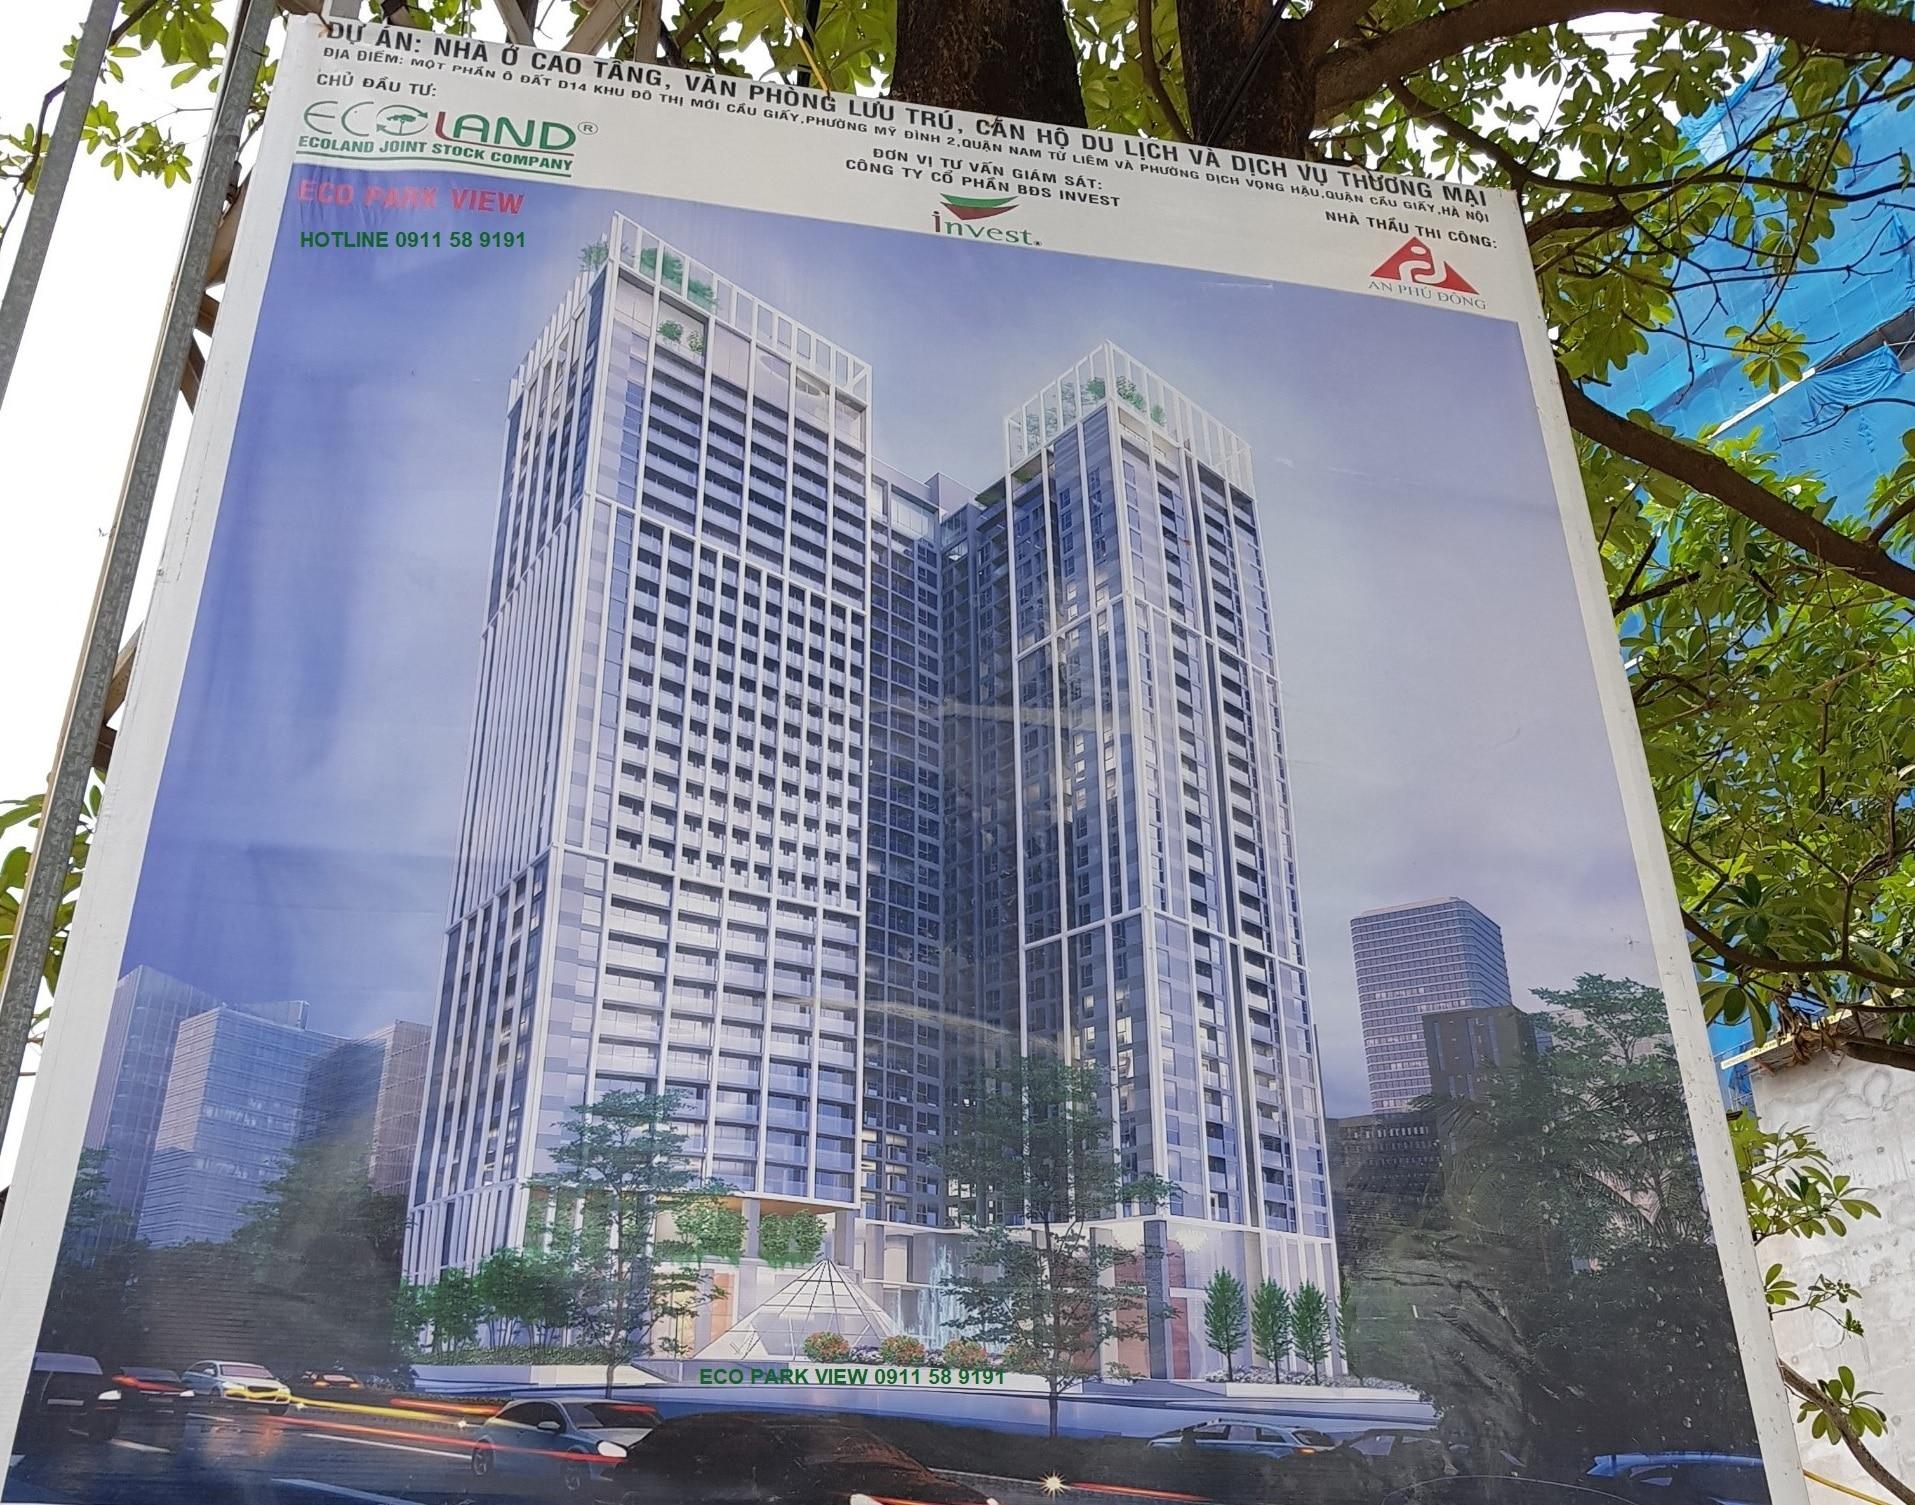 Dự án Chung cư Eco Park View 19 Duy Tân - Q. Cầu Giấy